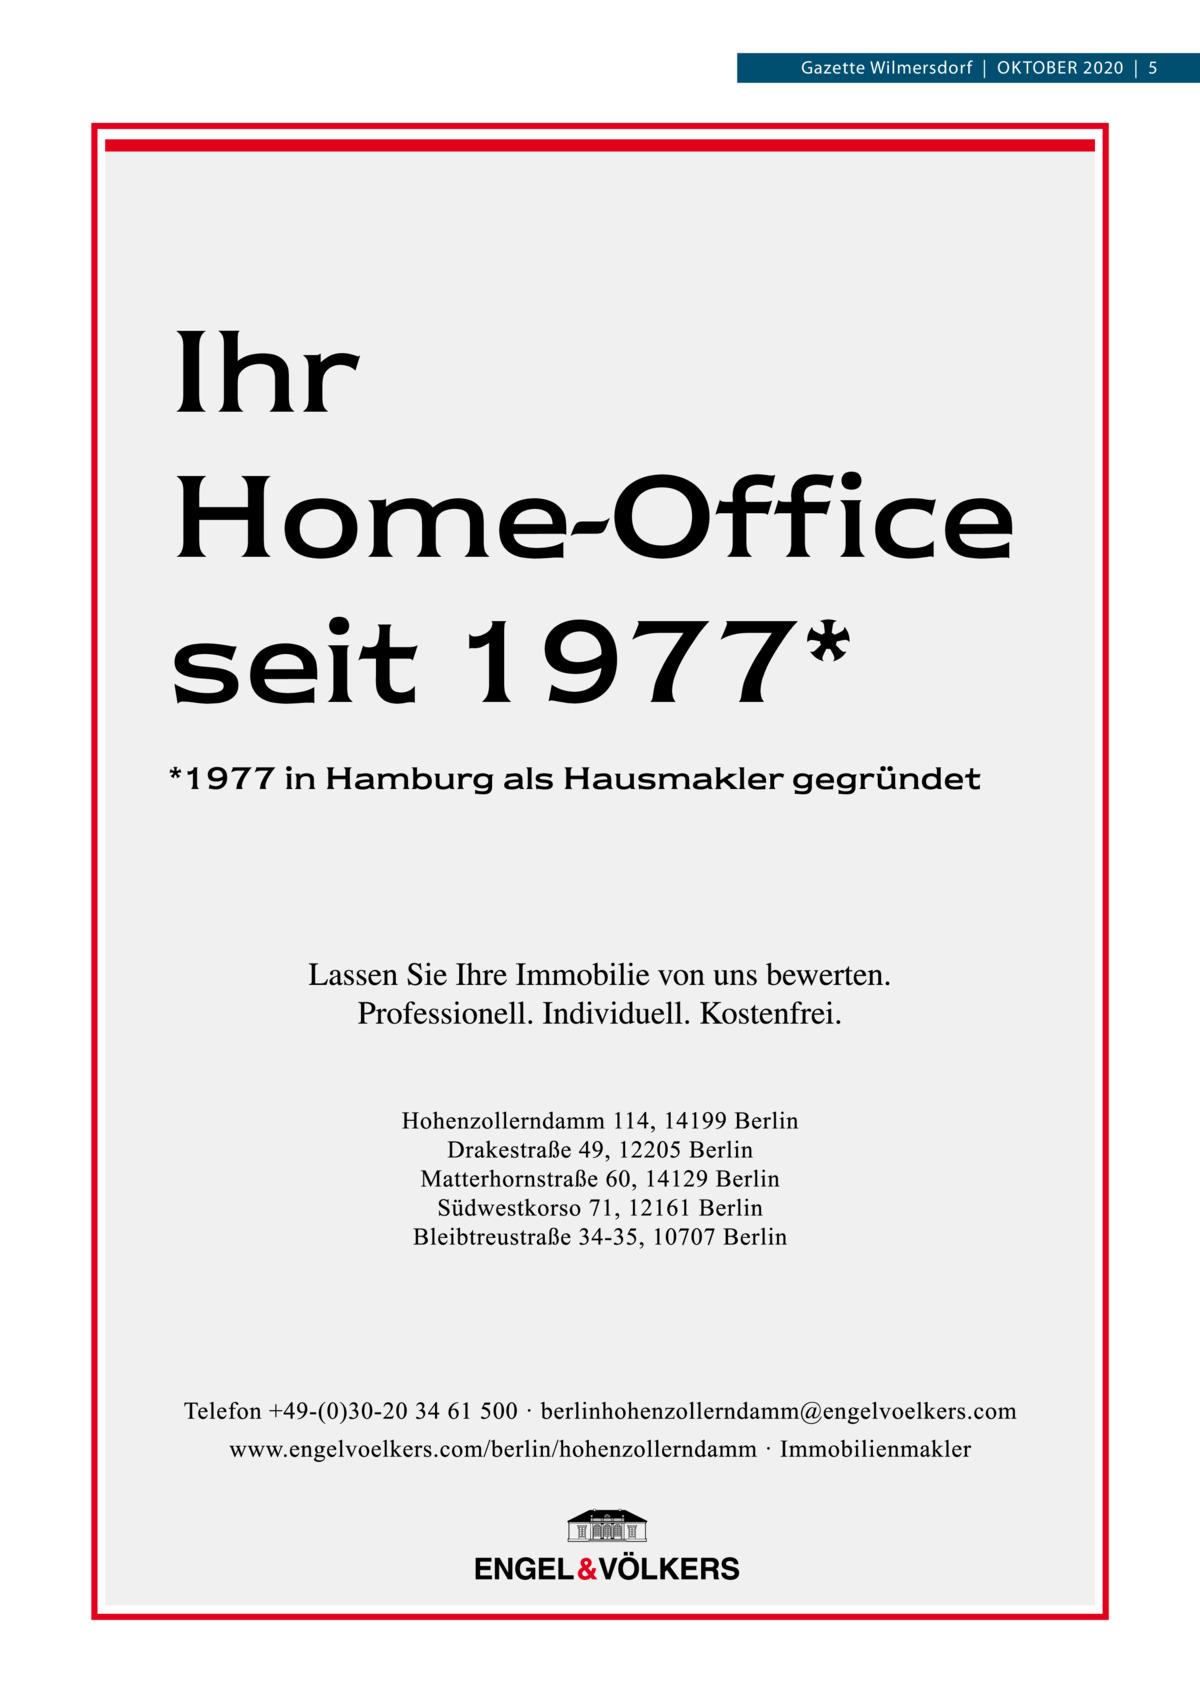 Gazette Wilmersdorf|OKTOBER 2020|5